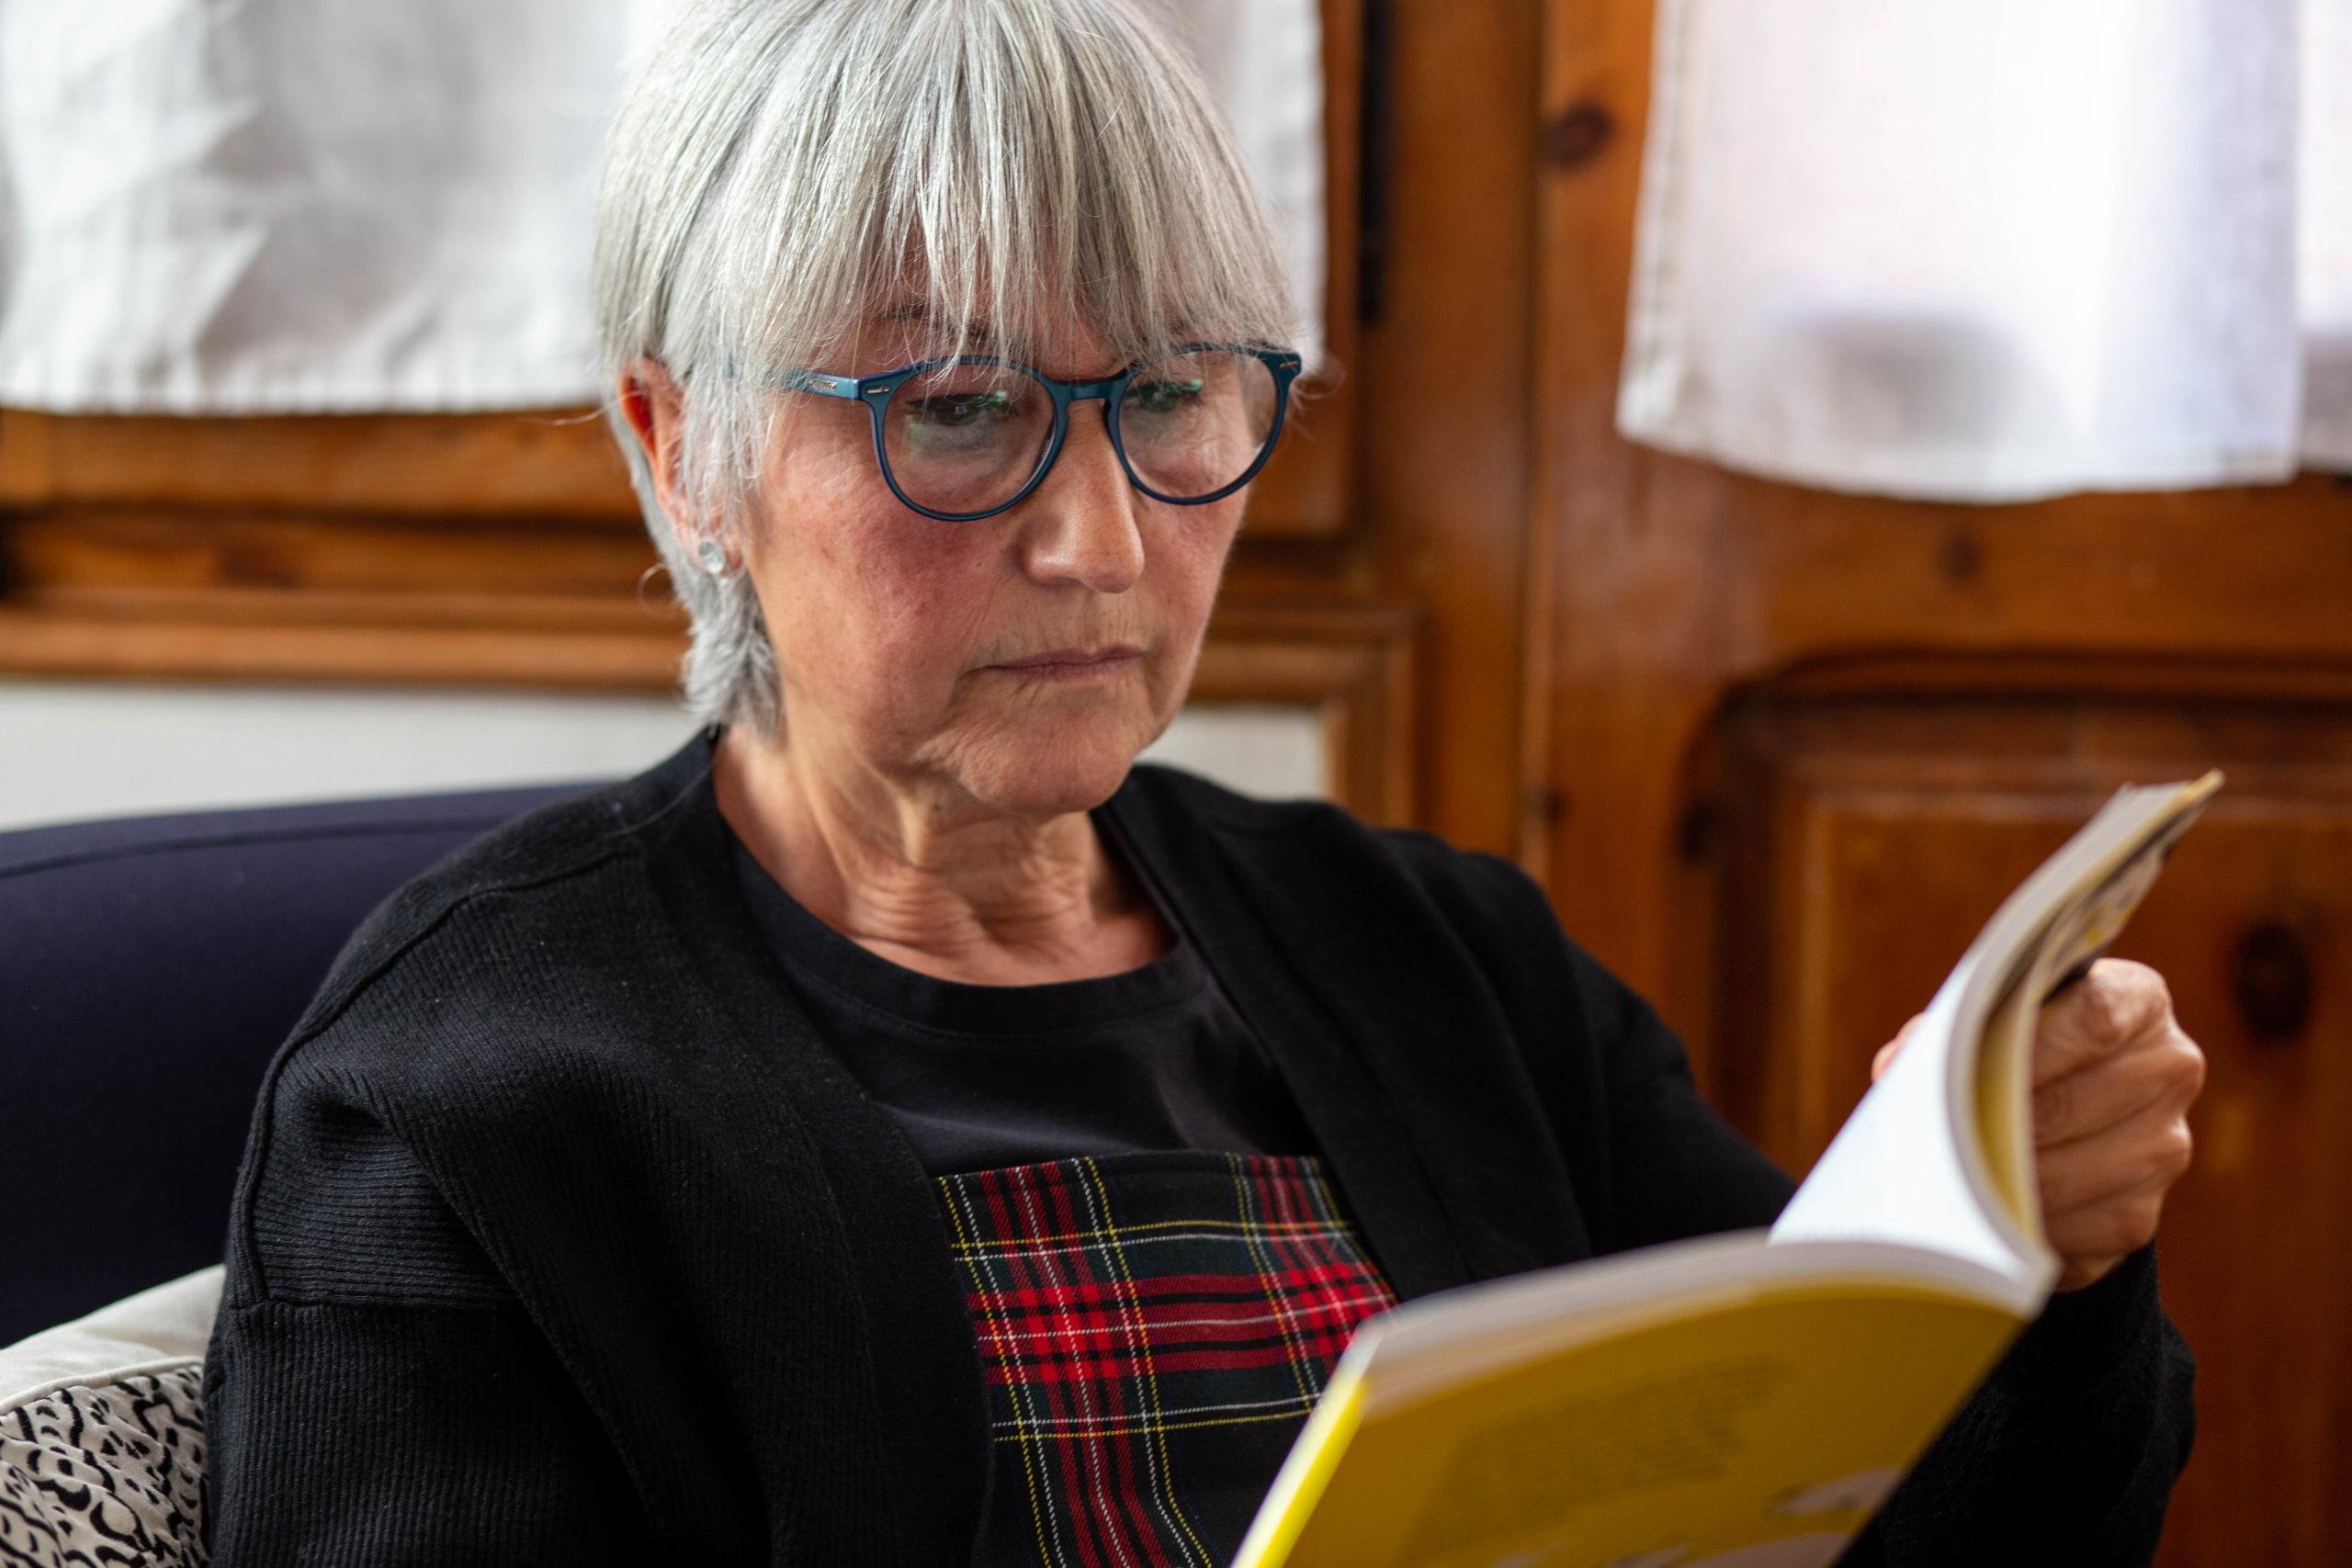 Primer pla d'una dona llegint un llibre asseguda en una butaca